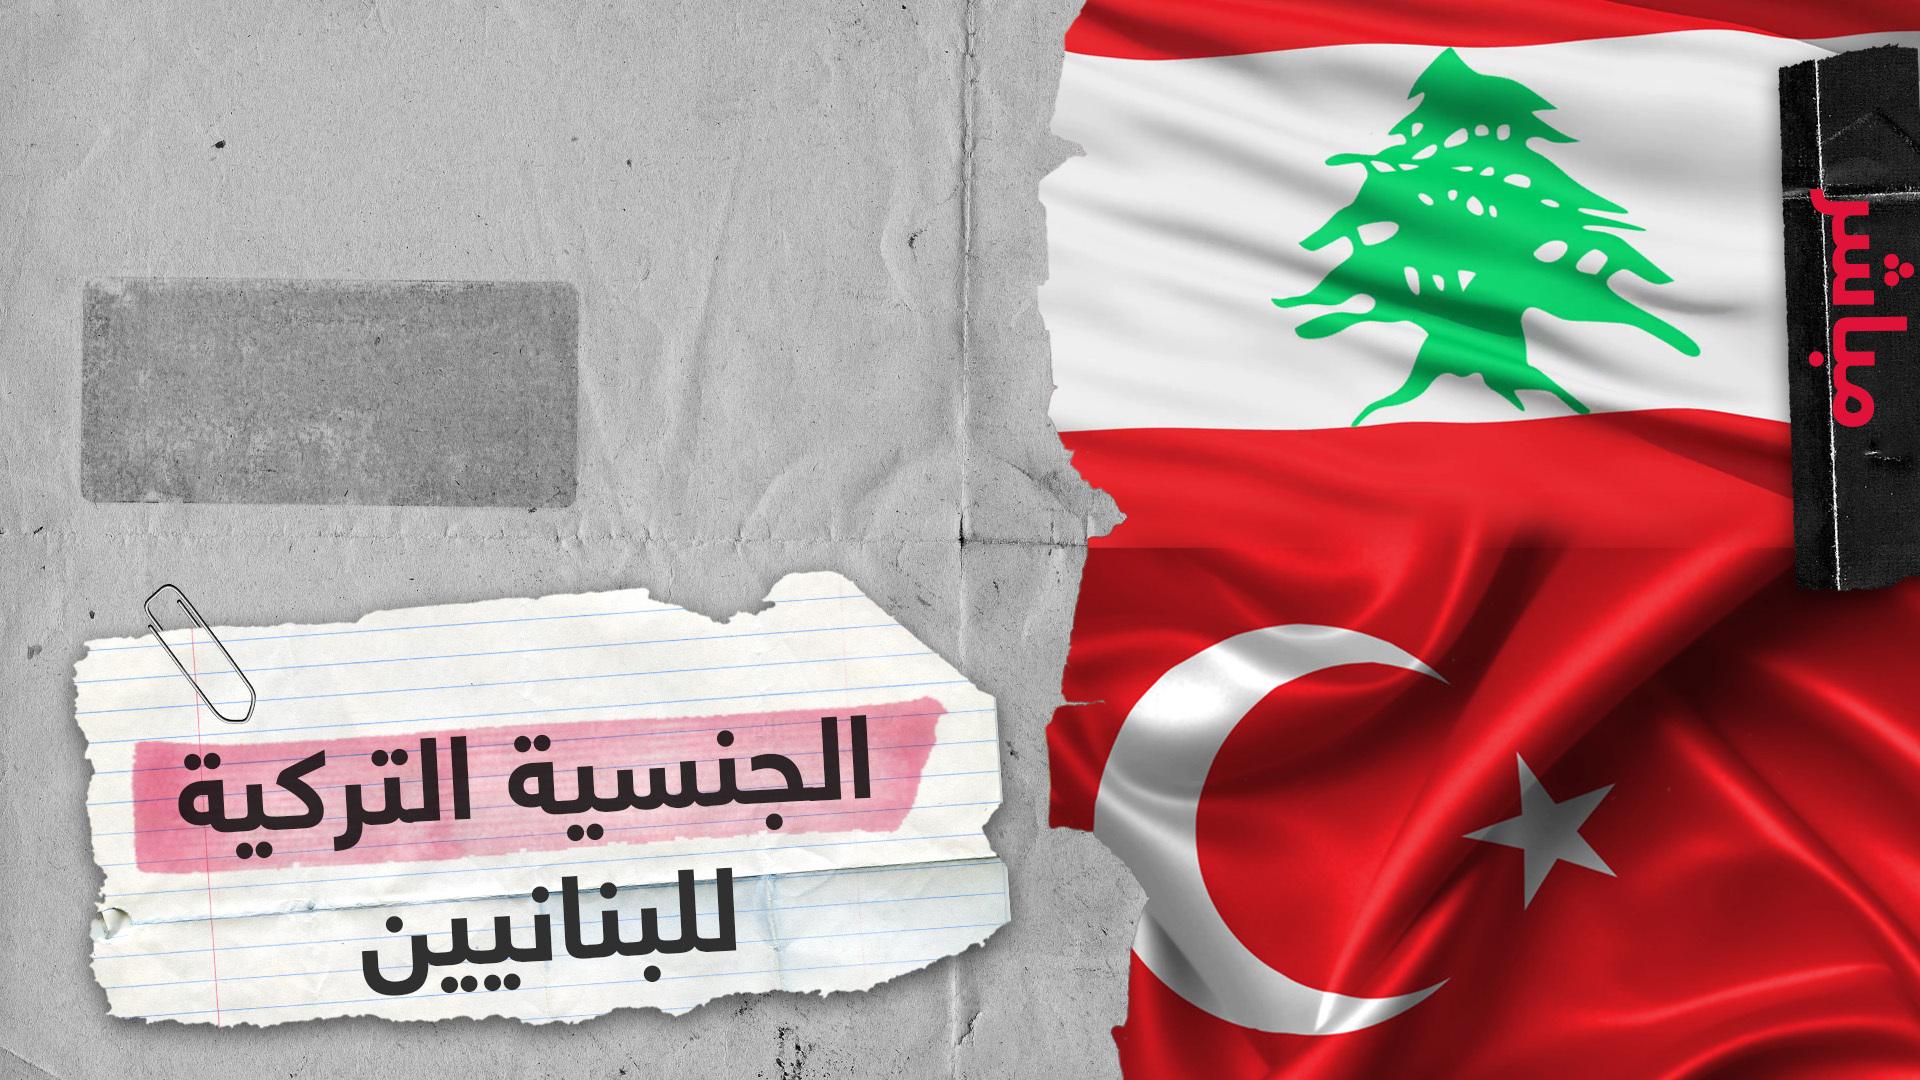 تركيا تعرض منح جنسيتها للبنانيين هل الهدف من العرض إنساني فقط؟